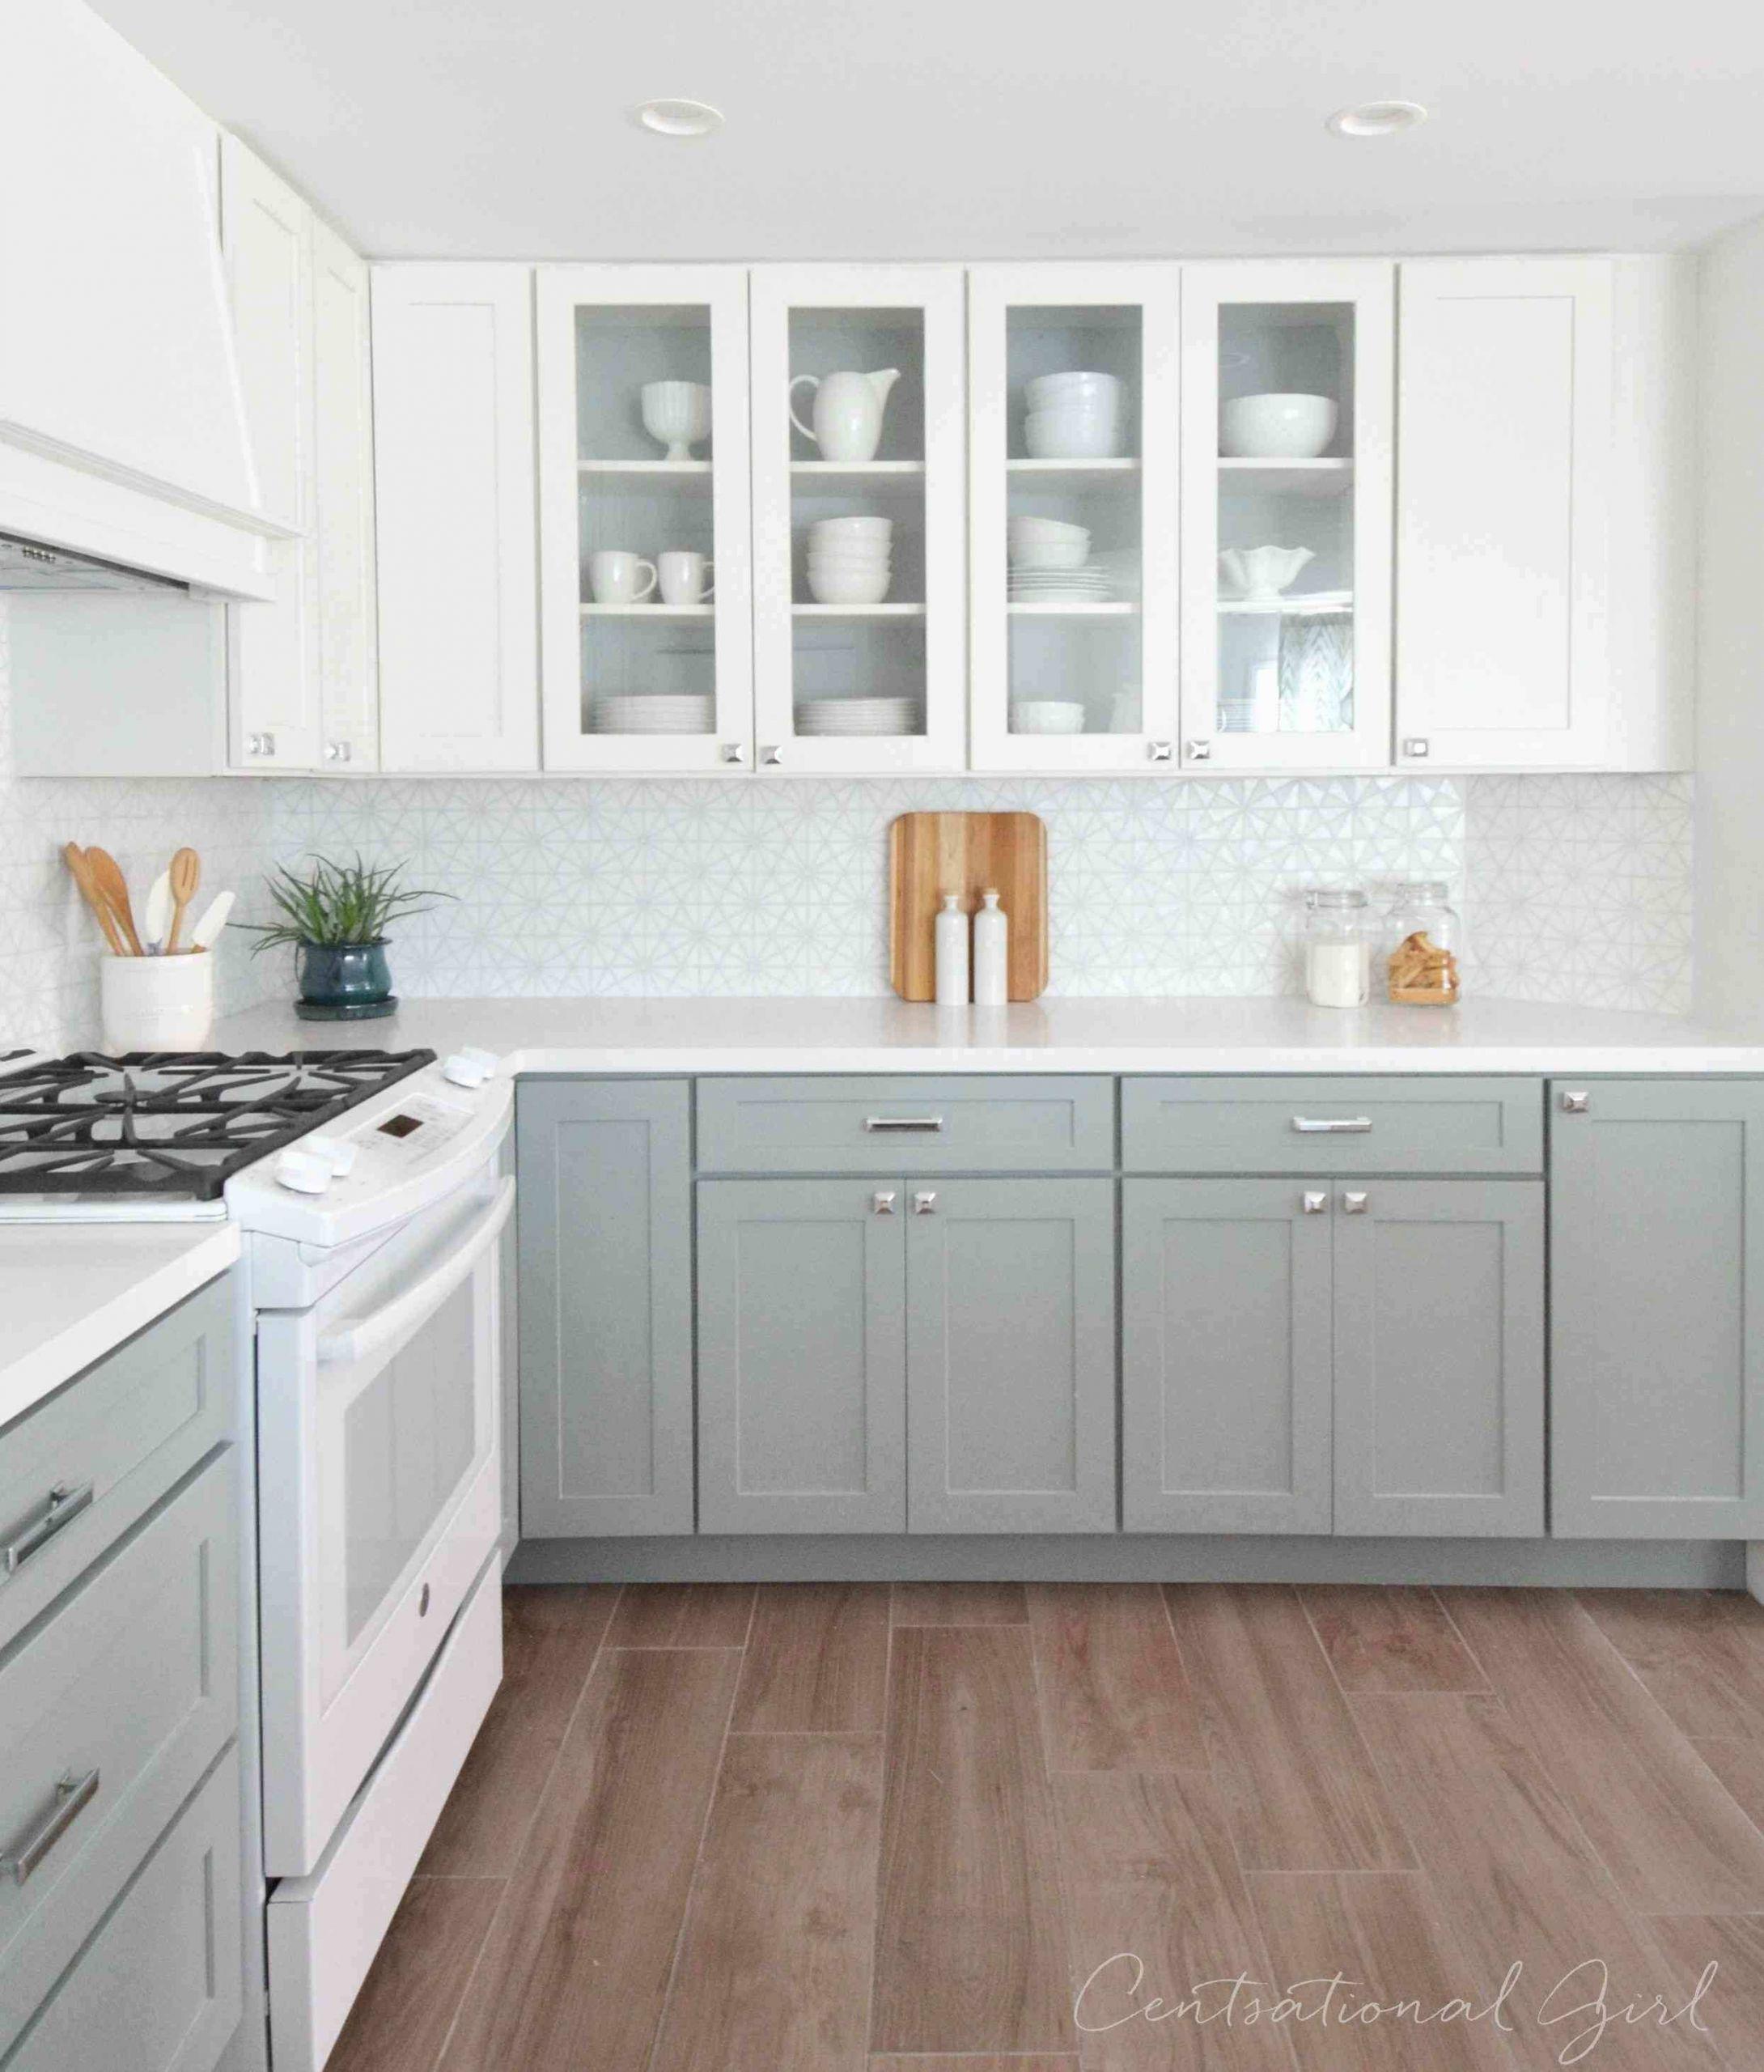 hardwood floor and wall color binations of white kitchen color backsplash elegant surprising small backsplash within white kitchen color backsplash lovely backsplash white cabinets kitche